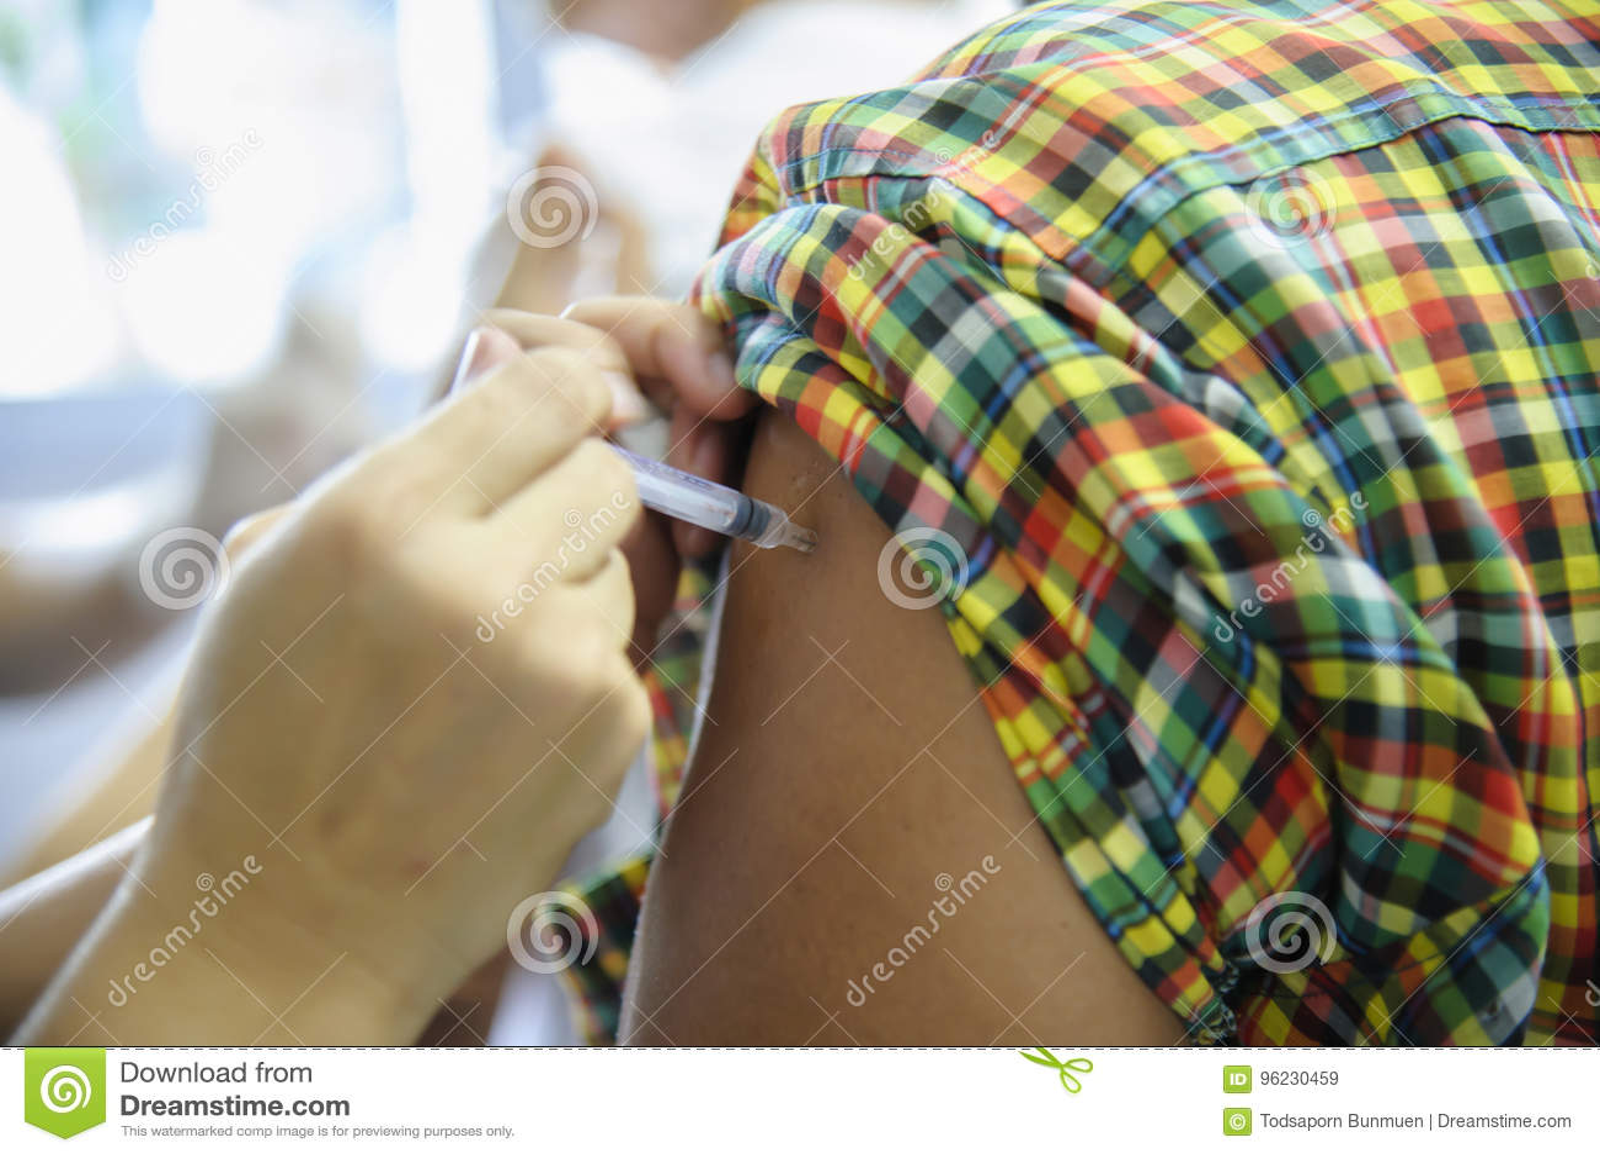 L injection vaccinique d immunisation, docteur injectent le vaccin au bras patient